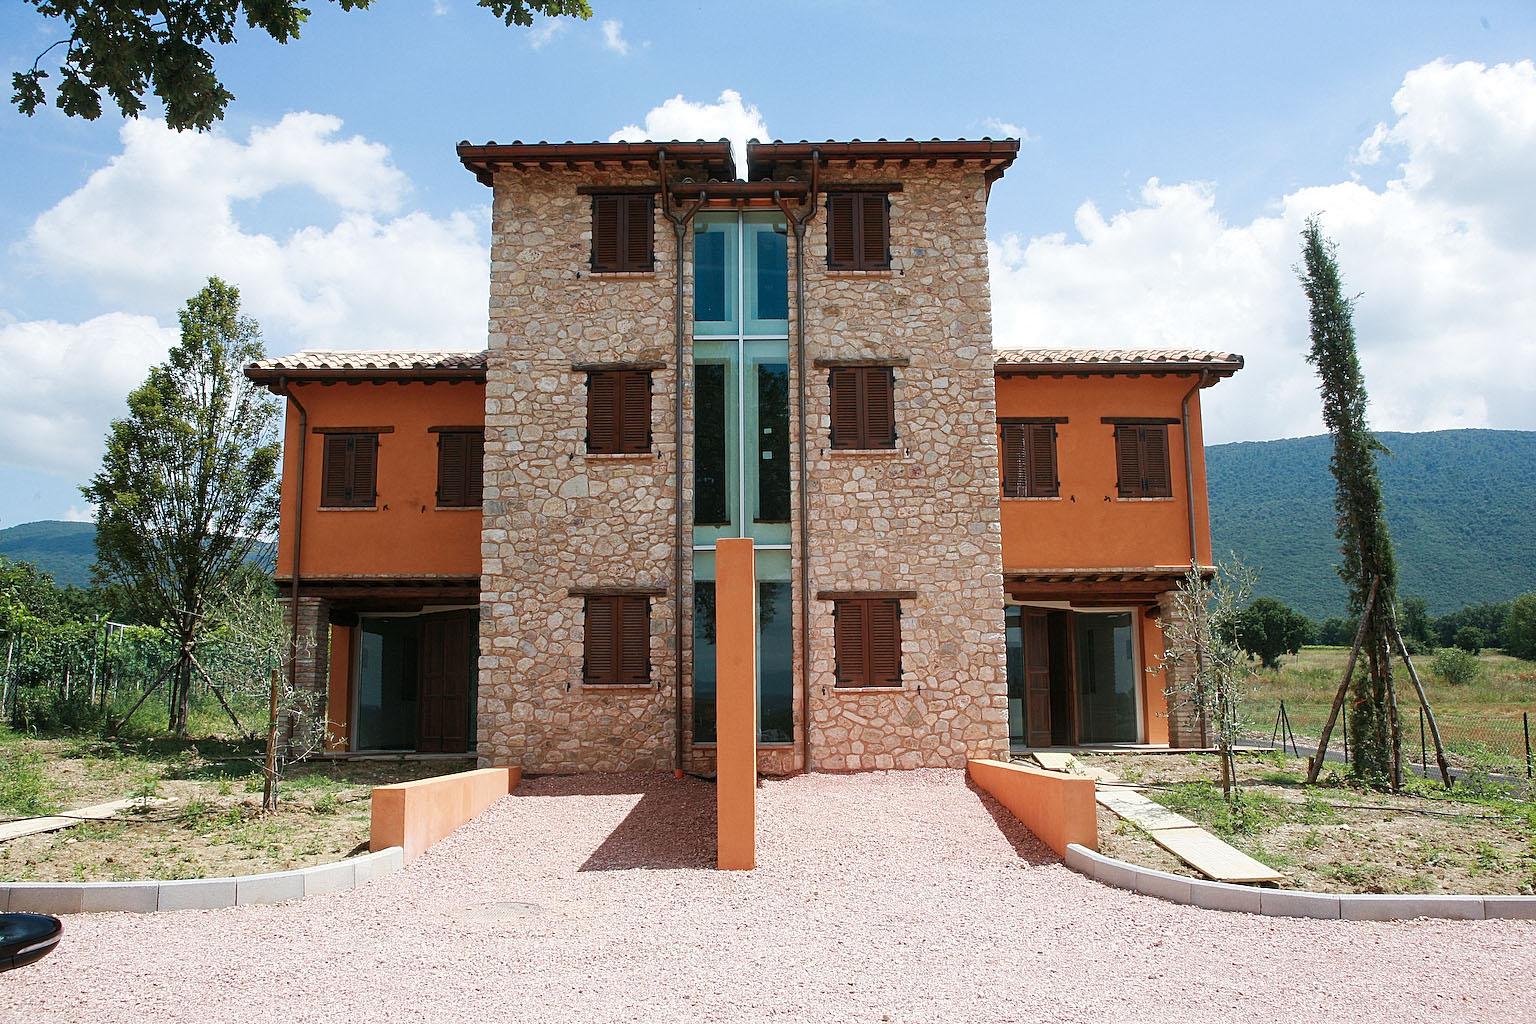 Villa in vendita a Massa Martana, 5 locali, prezzo € 160.000 | Cambio Casa.it